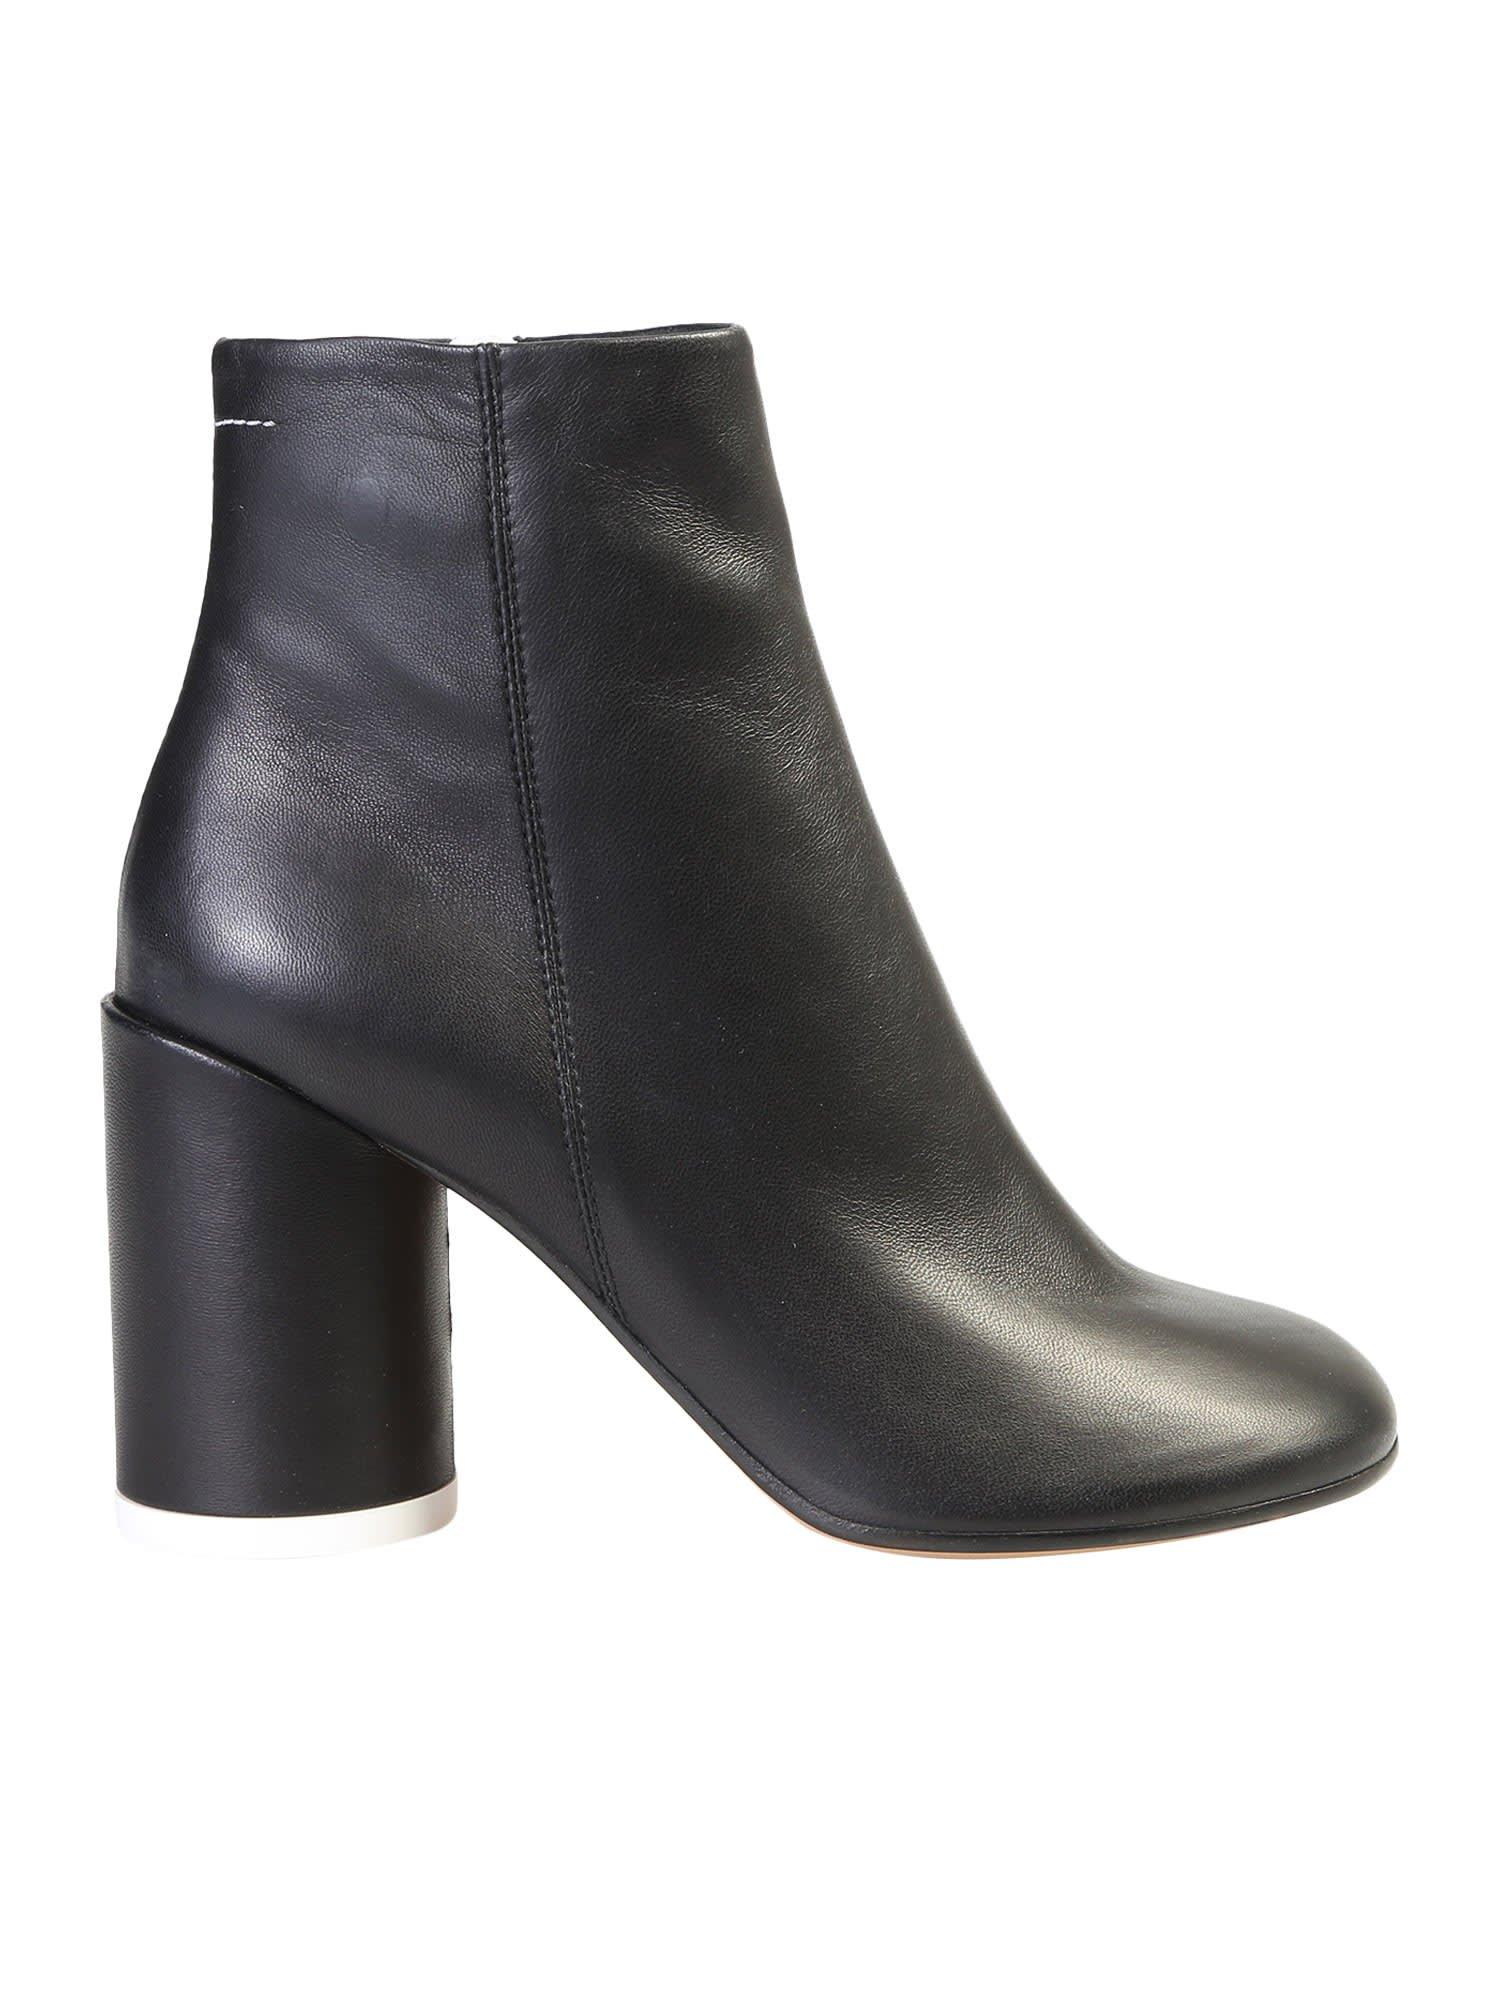 MM6 Maison Margiela Ankle Boots